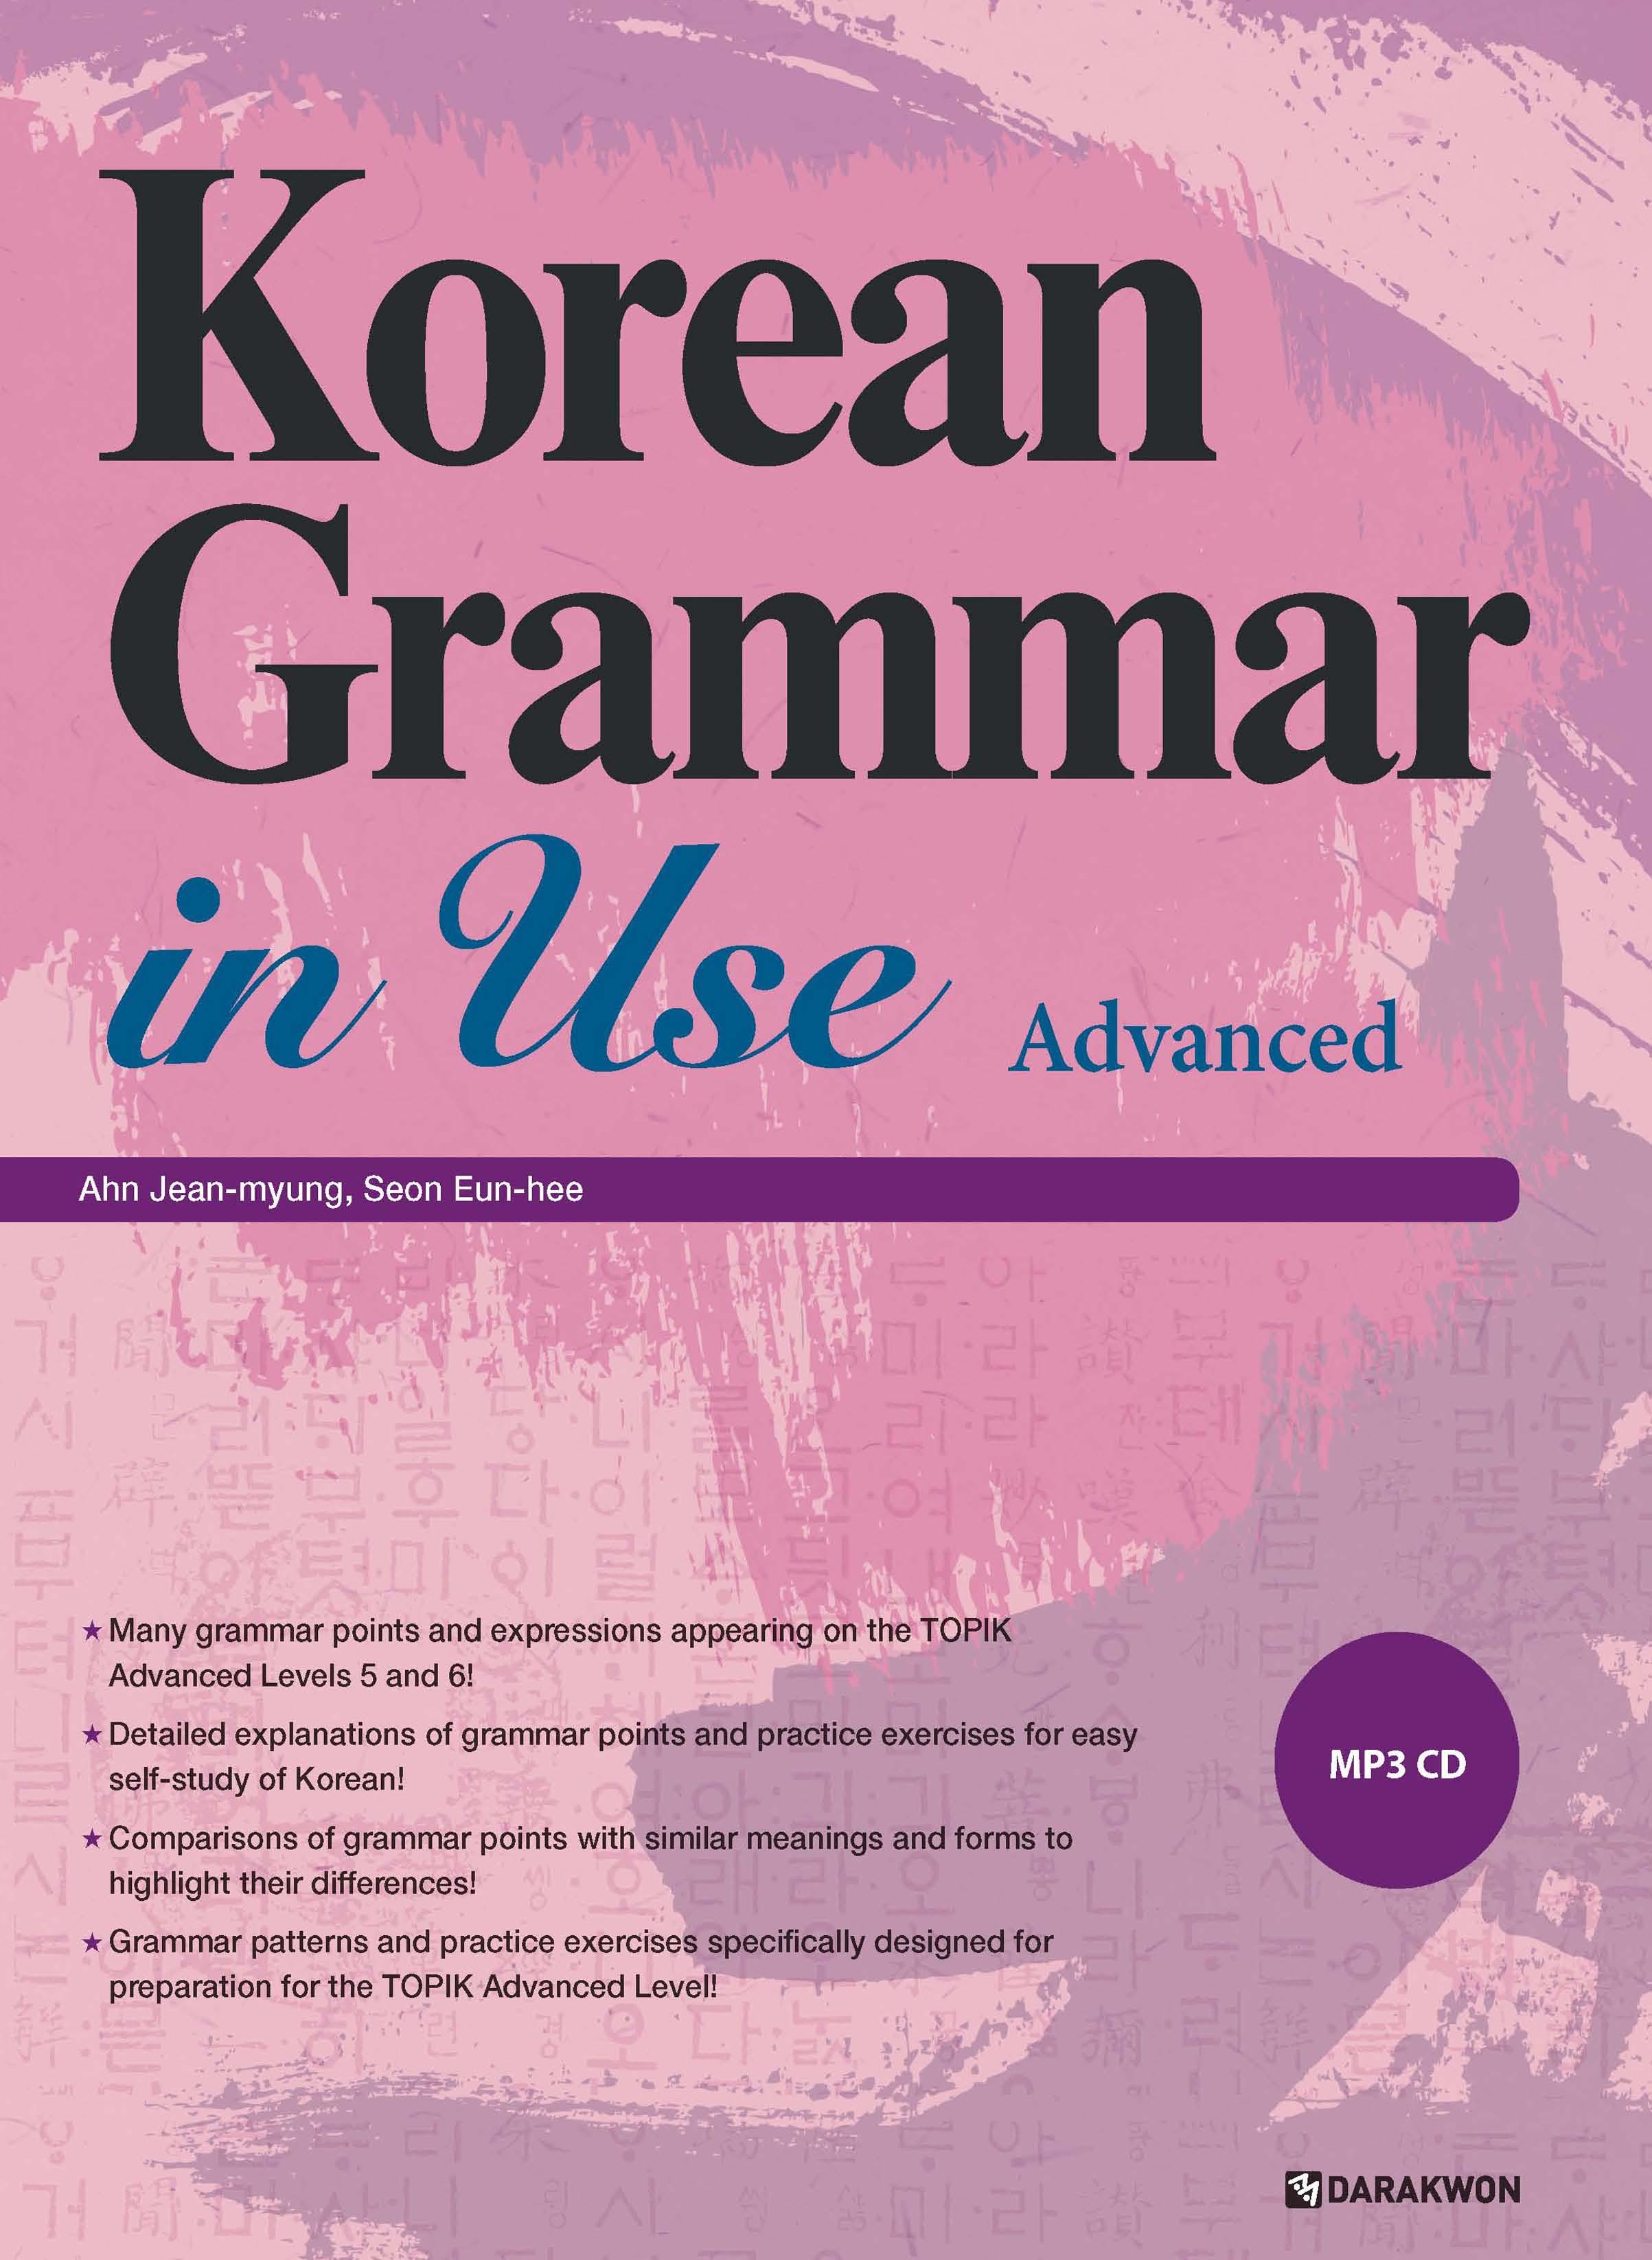 [Korean Grammar in Use] Korean Grammar in Use Advanced : (영어판)